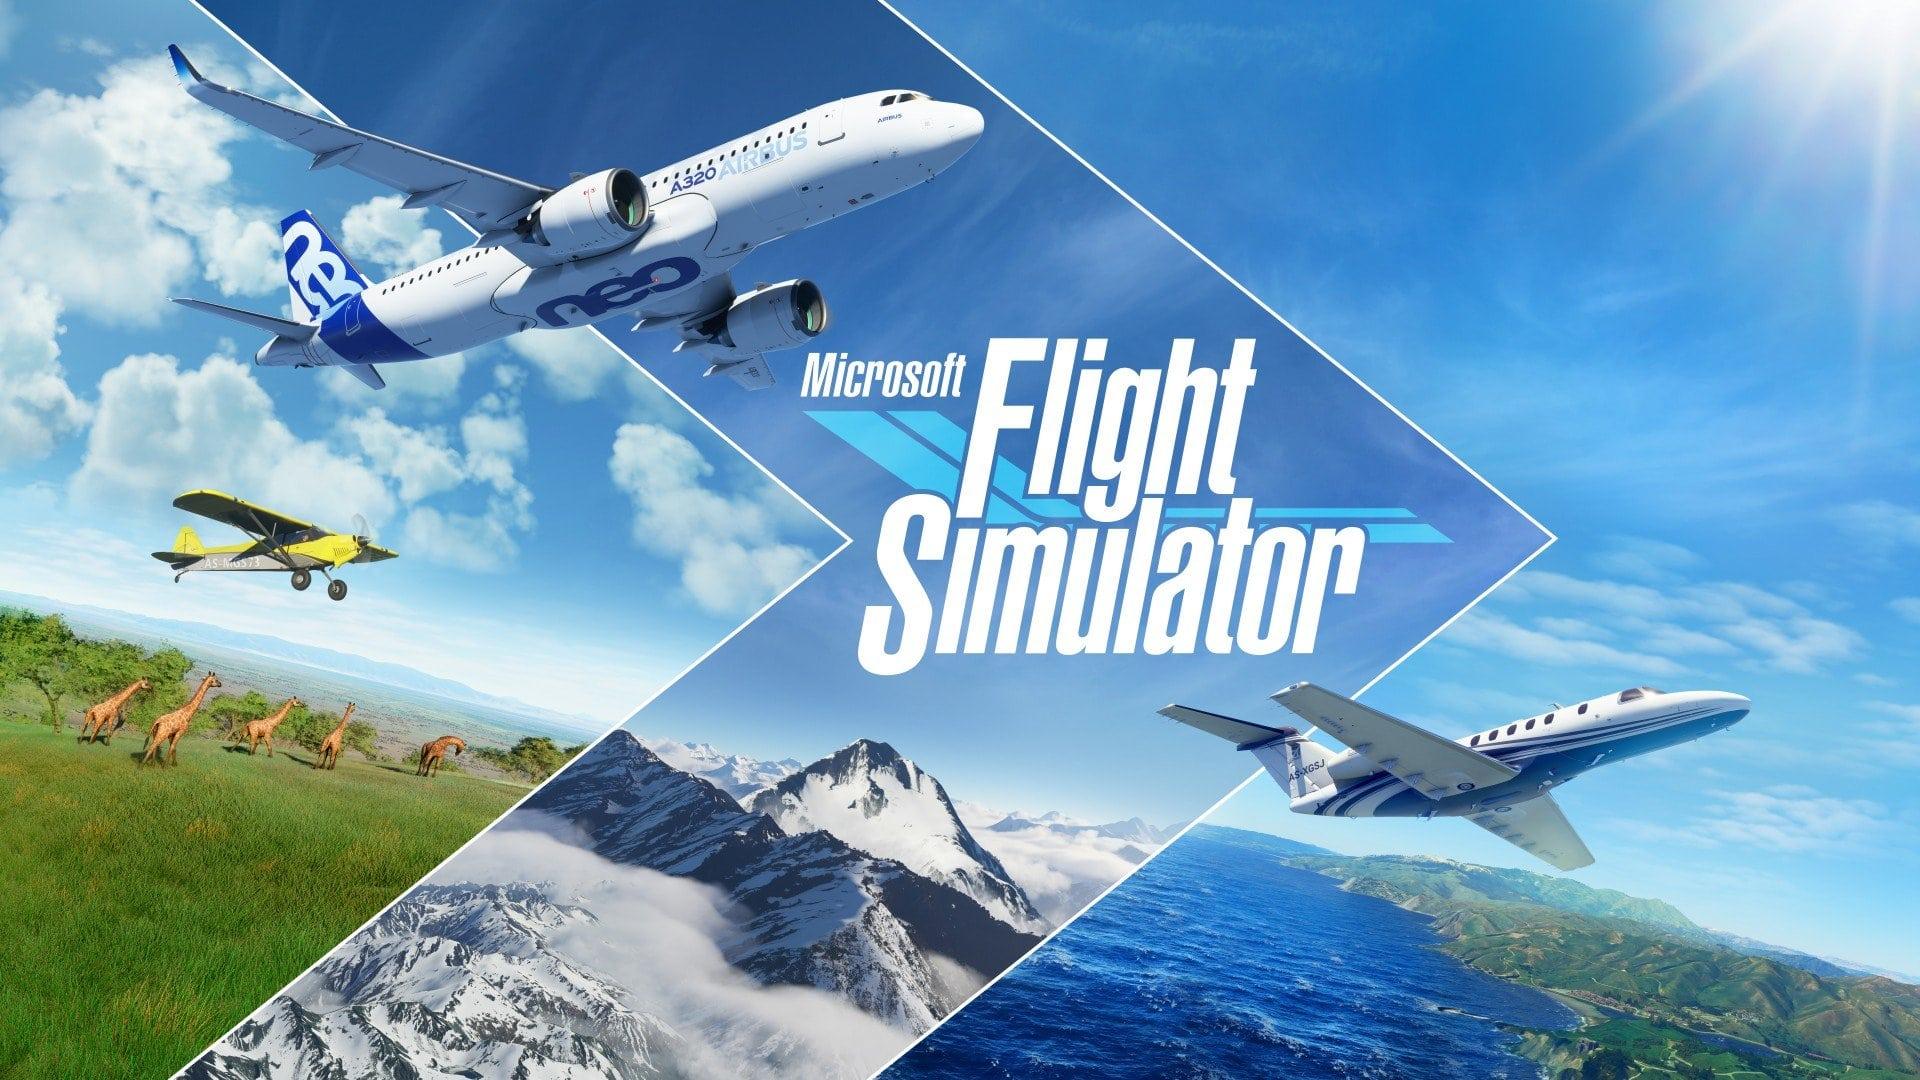 Ber Simulator